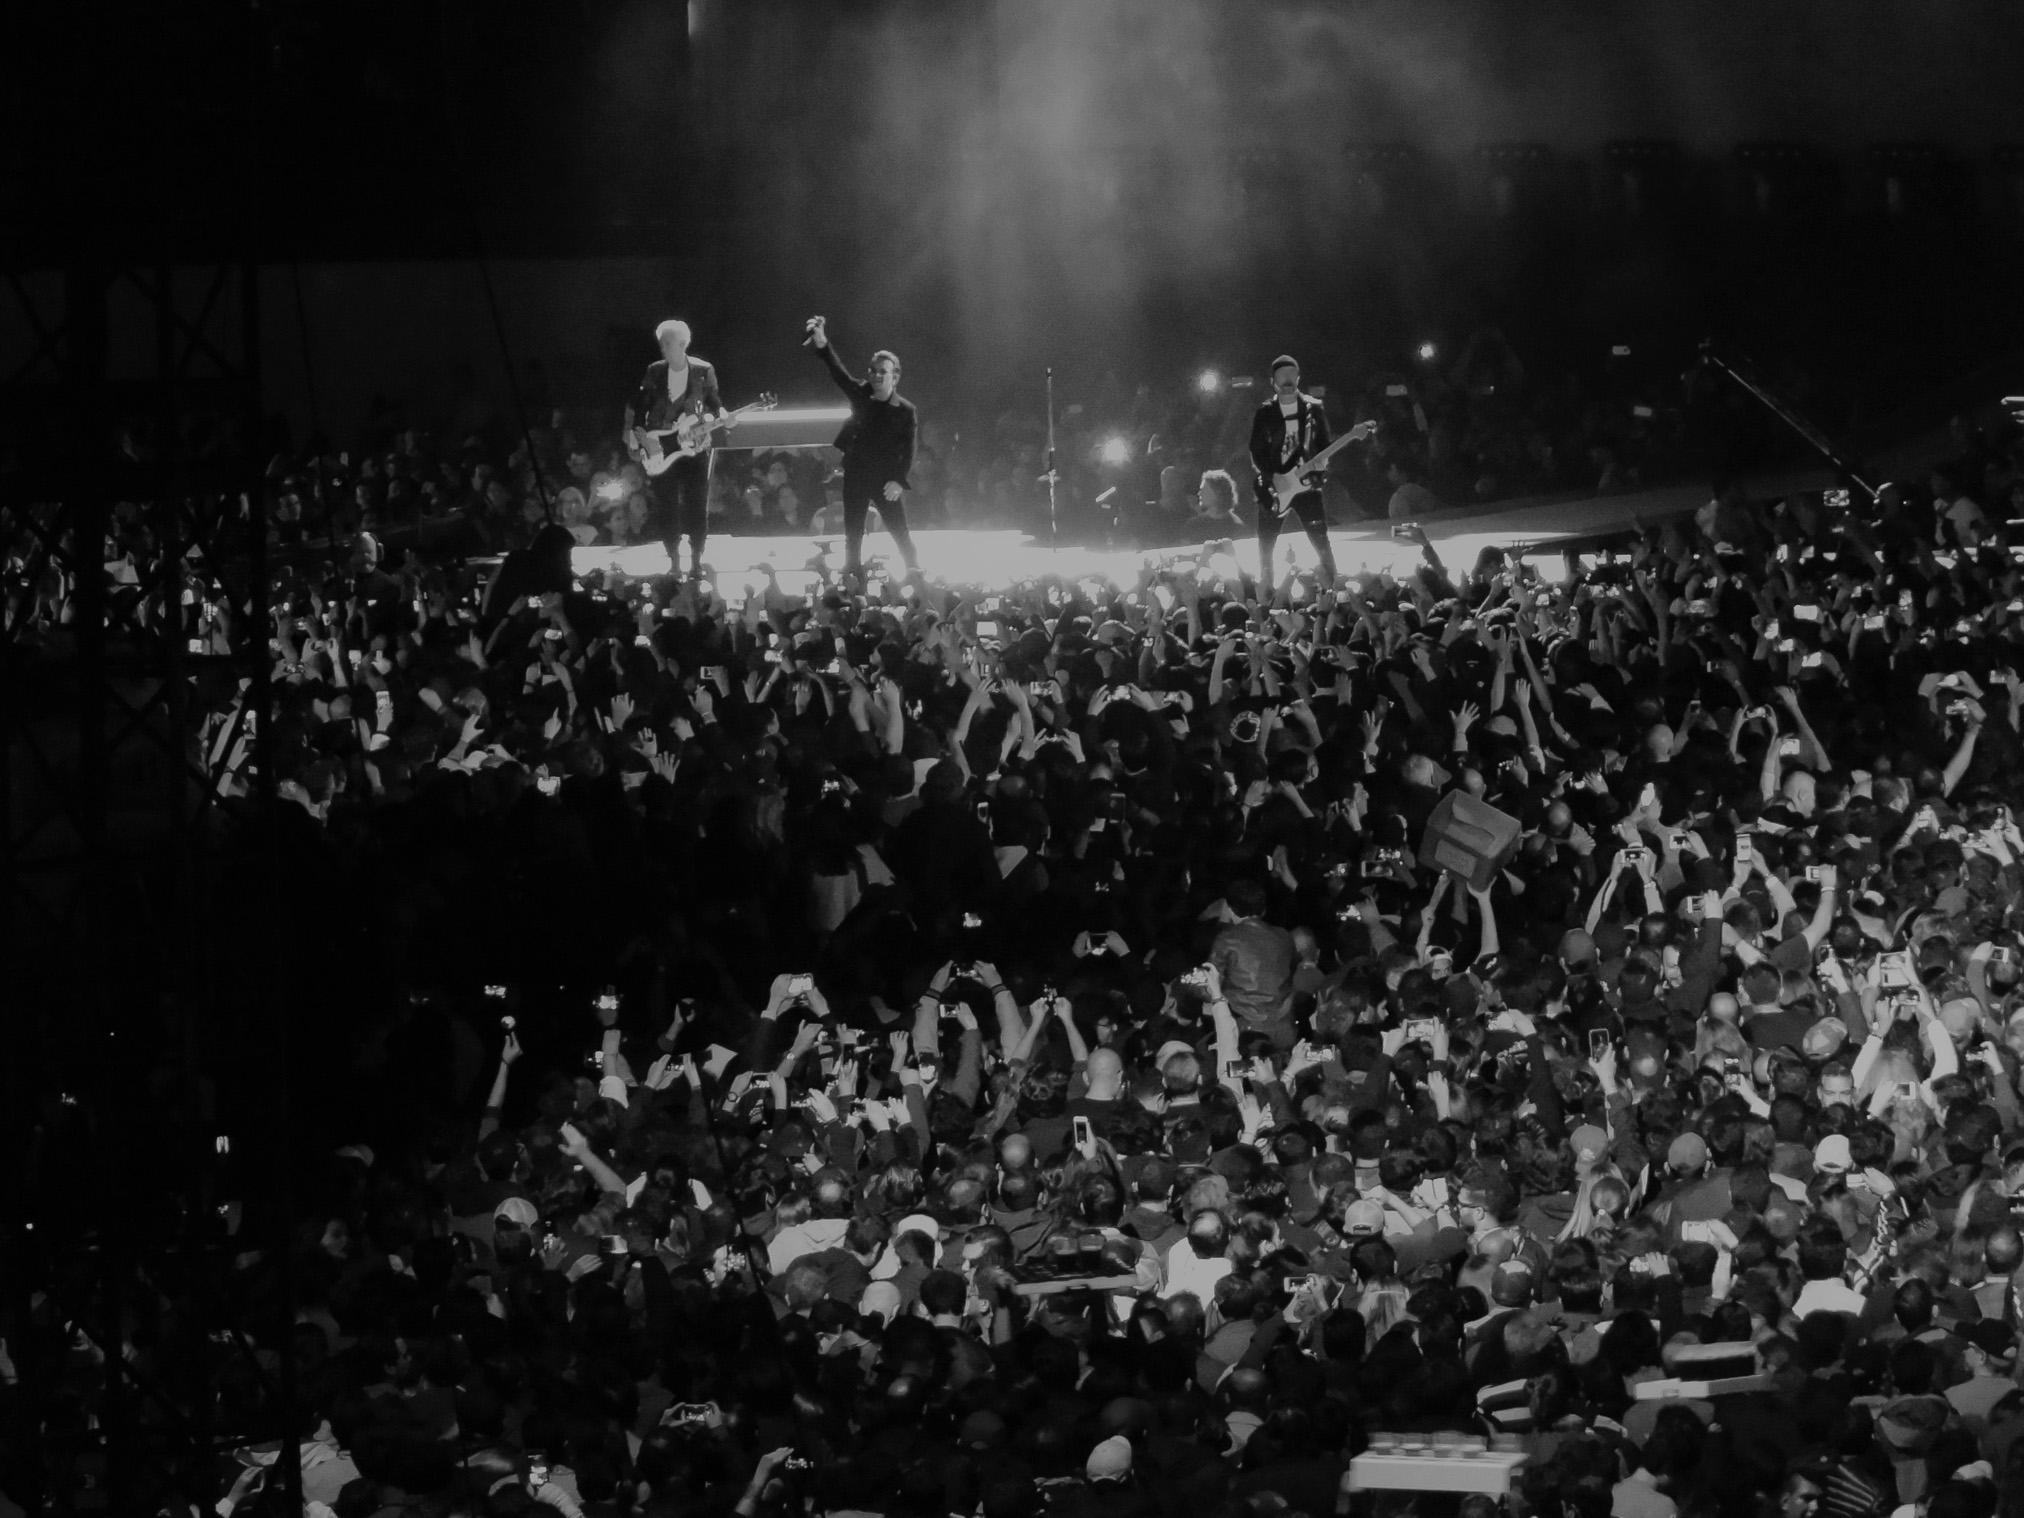 Concierto de U2 CDMX